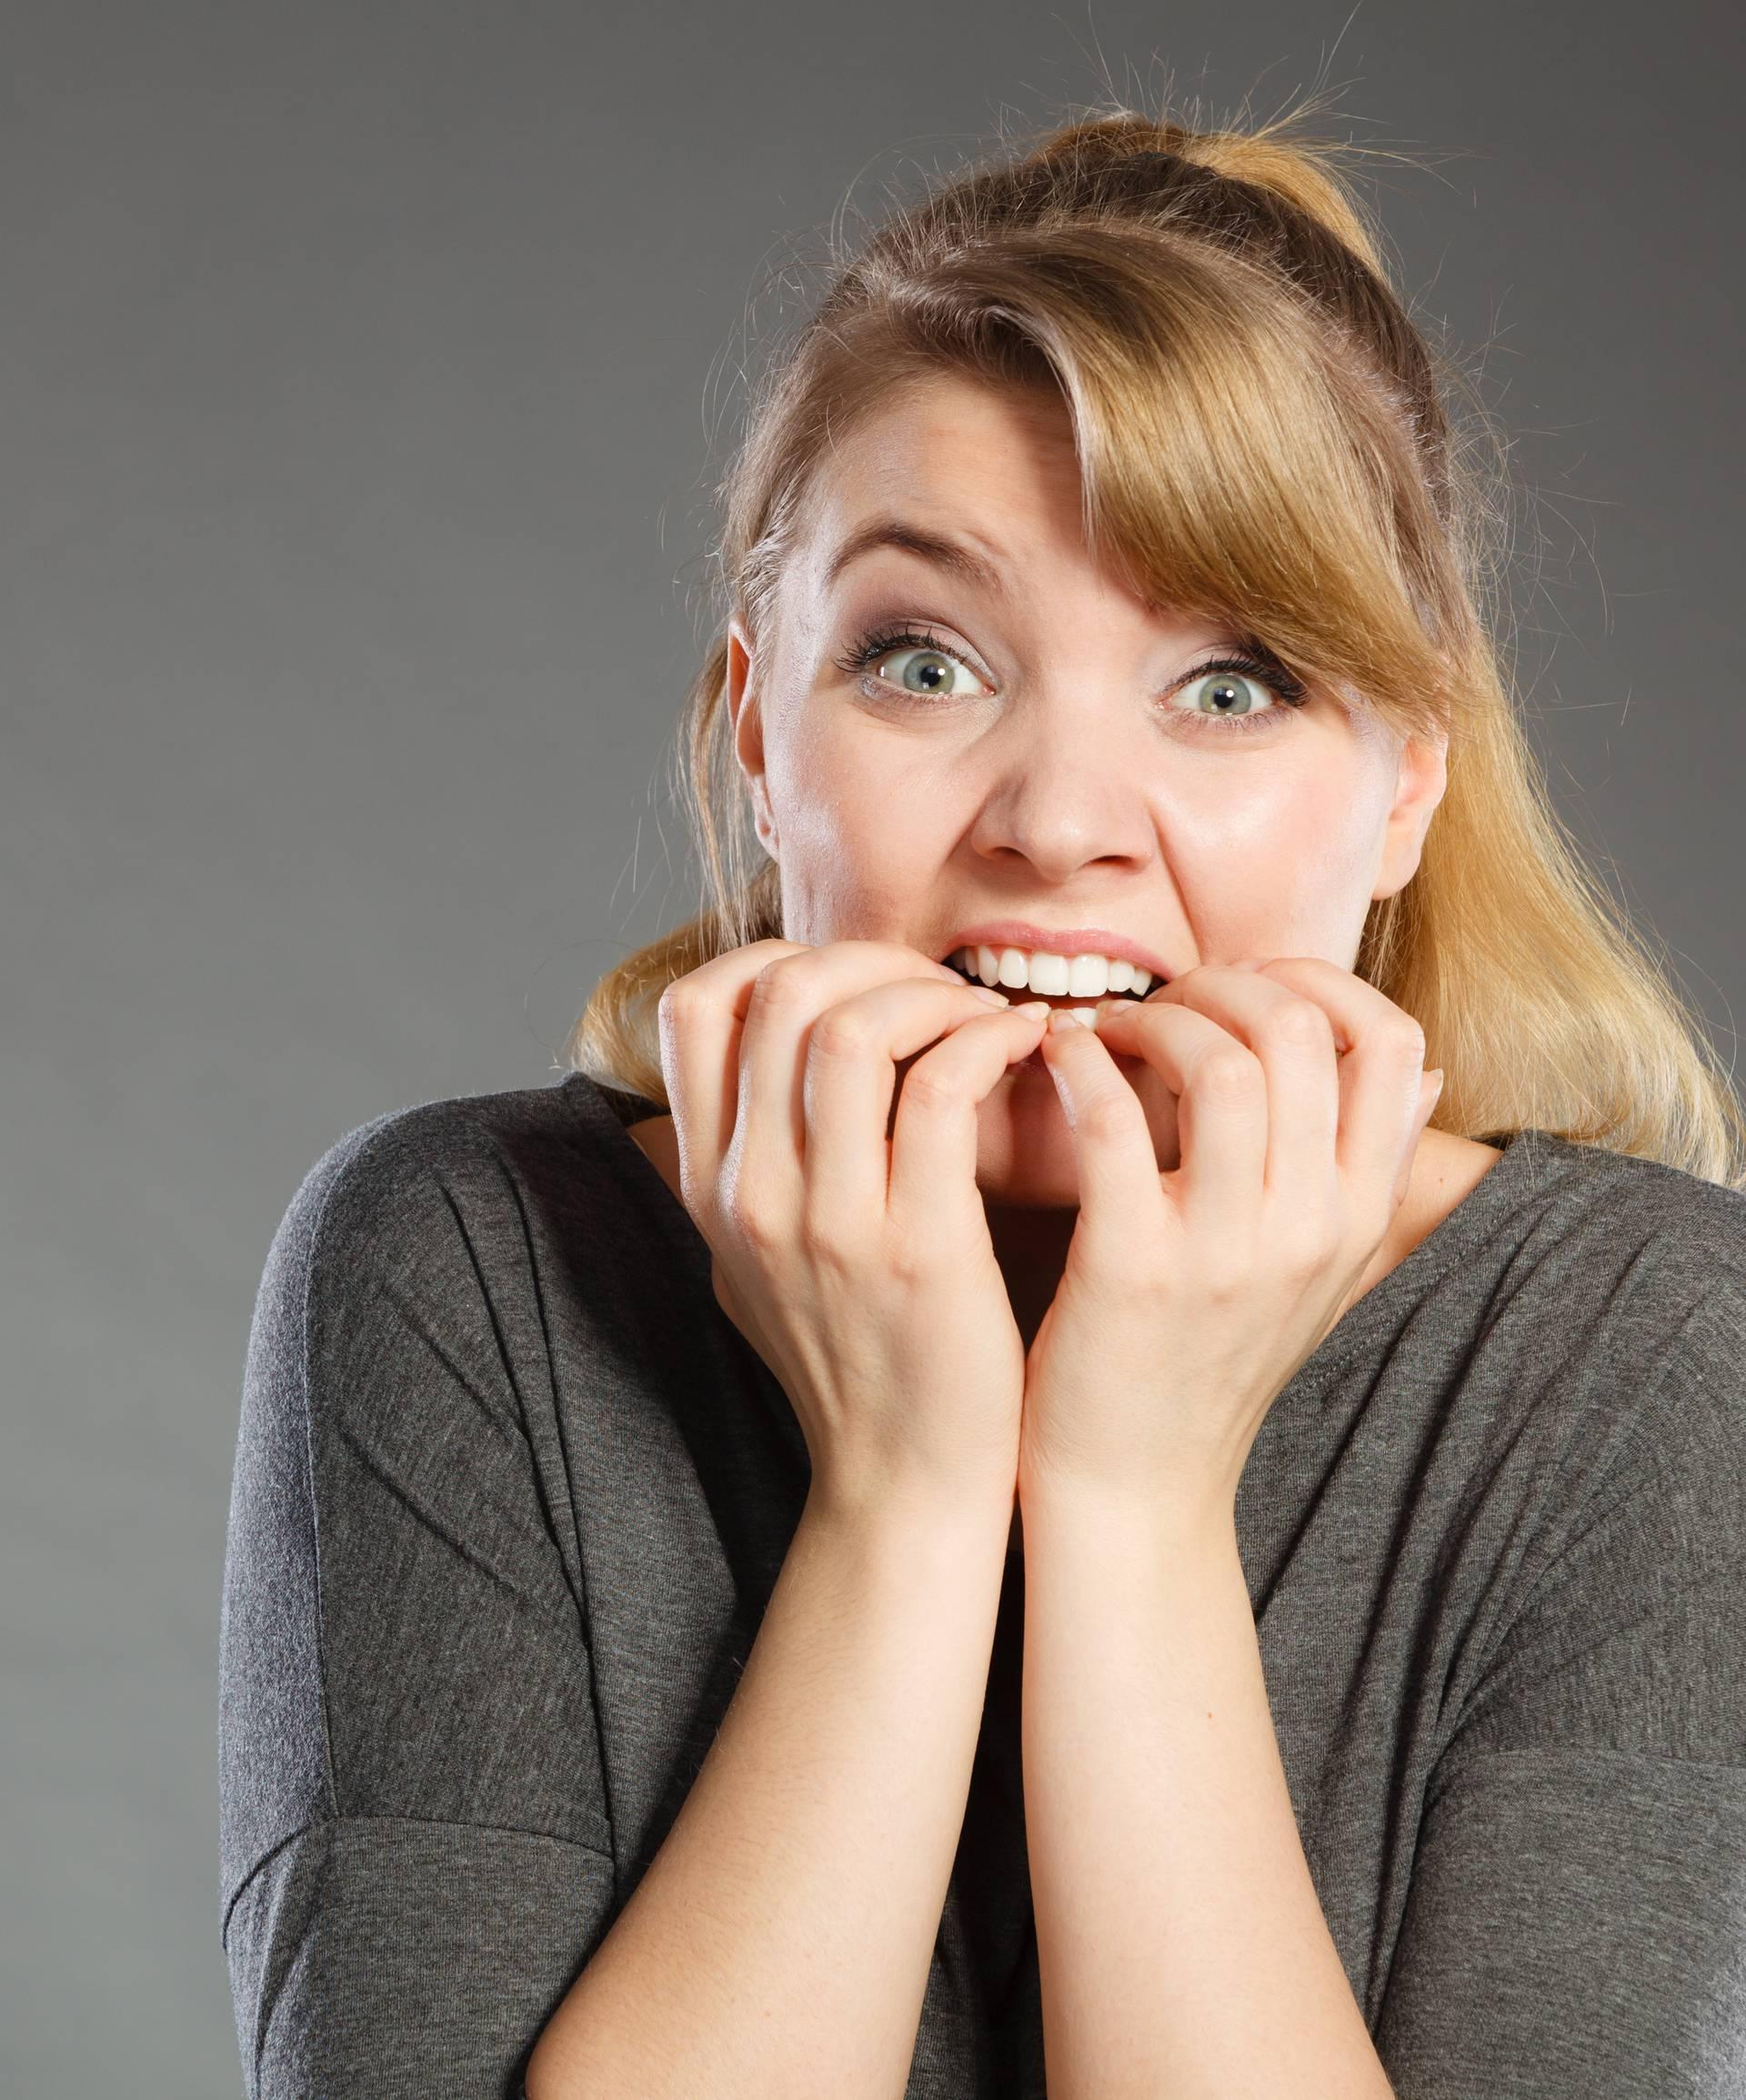 Evo kako ćete se riješiti ružne i opasne navike grickanja noktiju